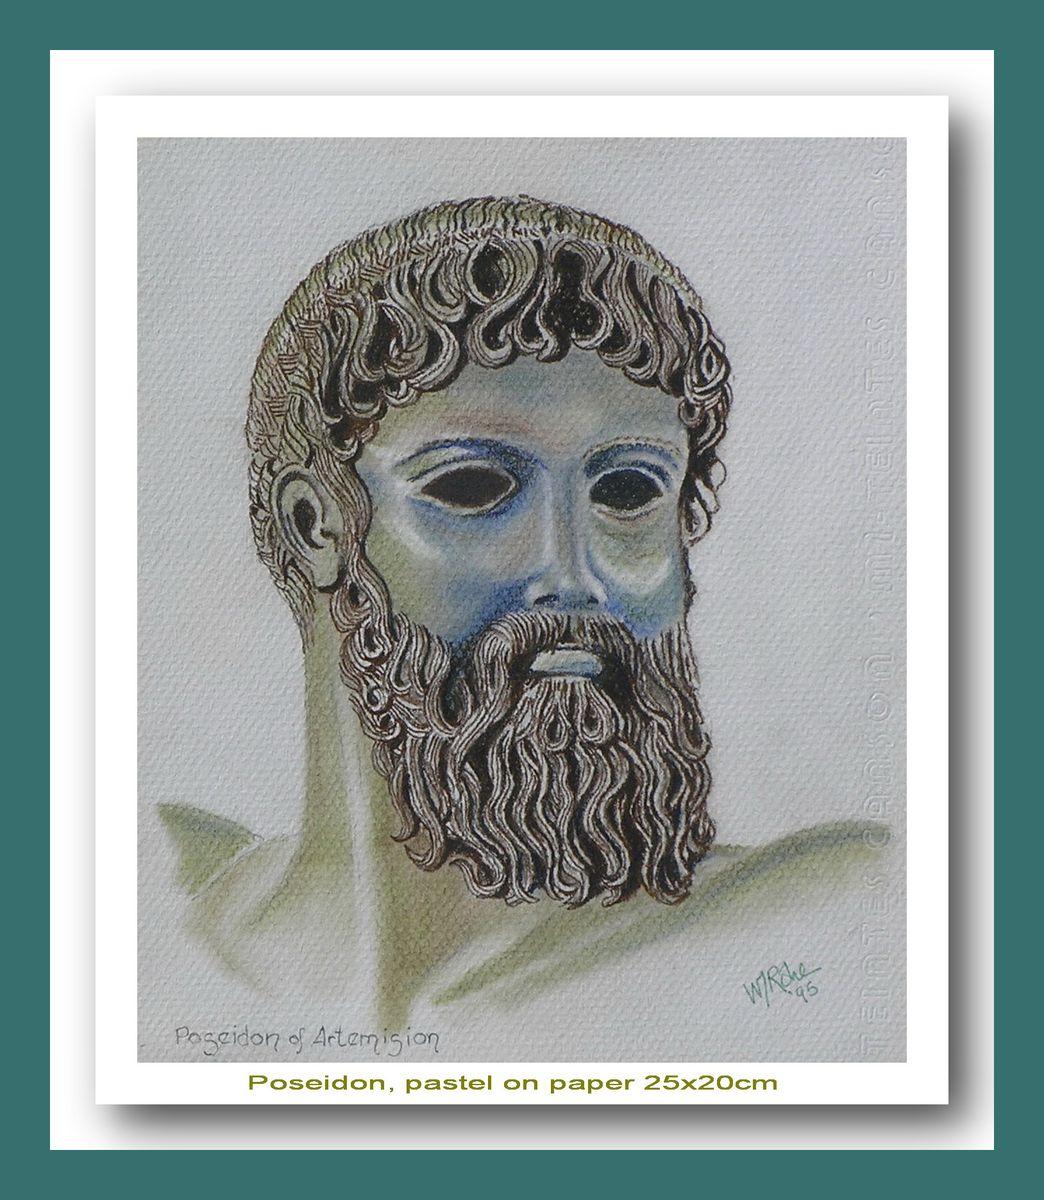 Poseidon 1